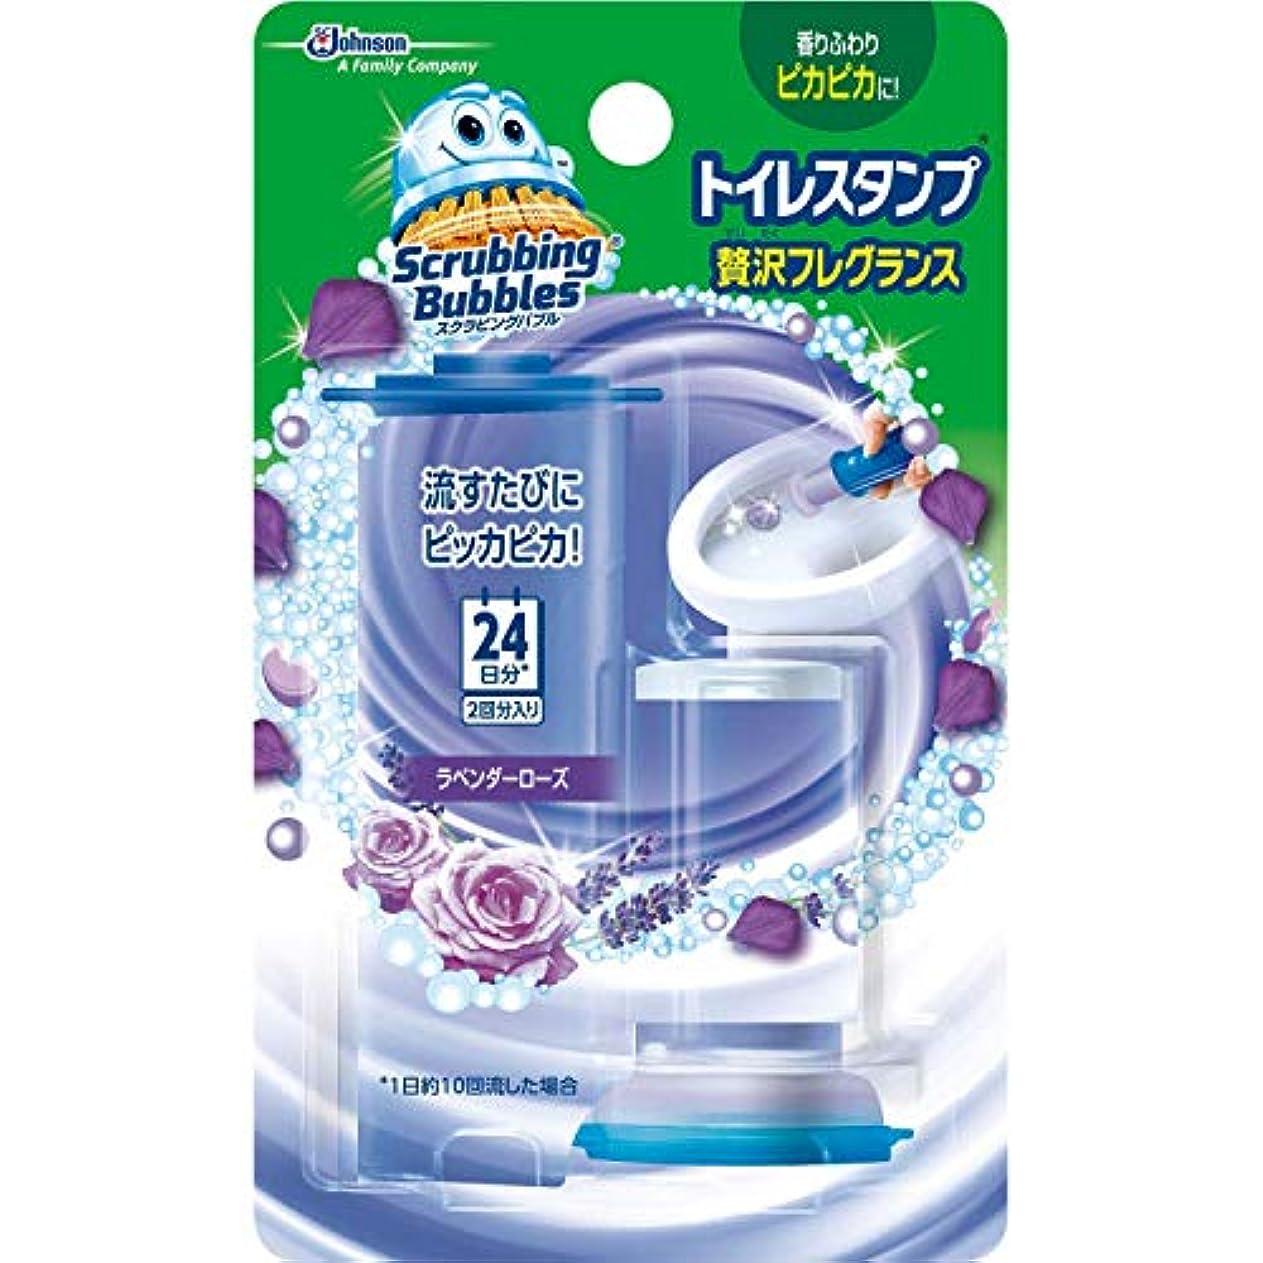 ブローかまどかもしれないスクラビングバブル トイレ洗浄剤 トイレスタンプ 贅沢フレグランス ラベンダーローズの香り 本体 (ハンドル1本+付替用1本) 12.6g